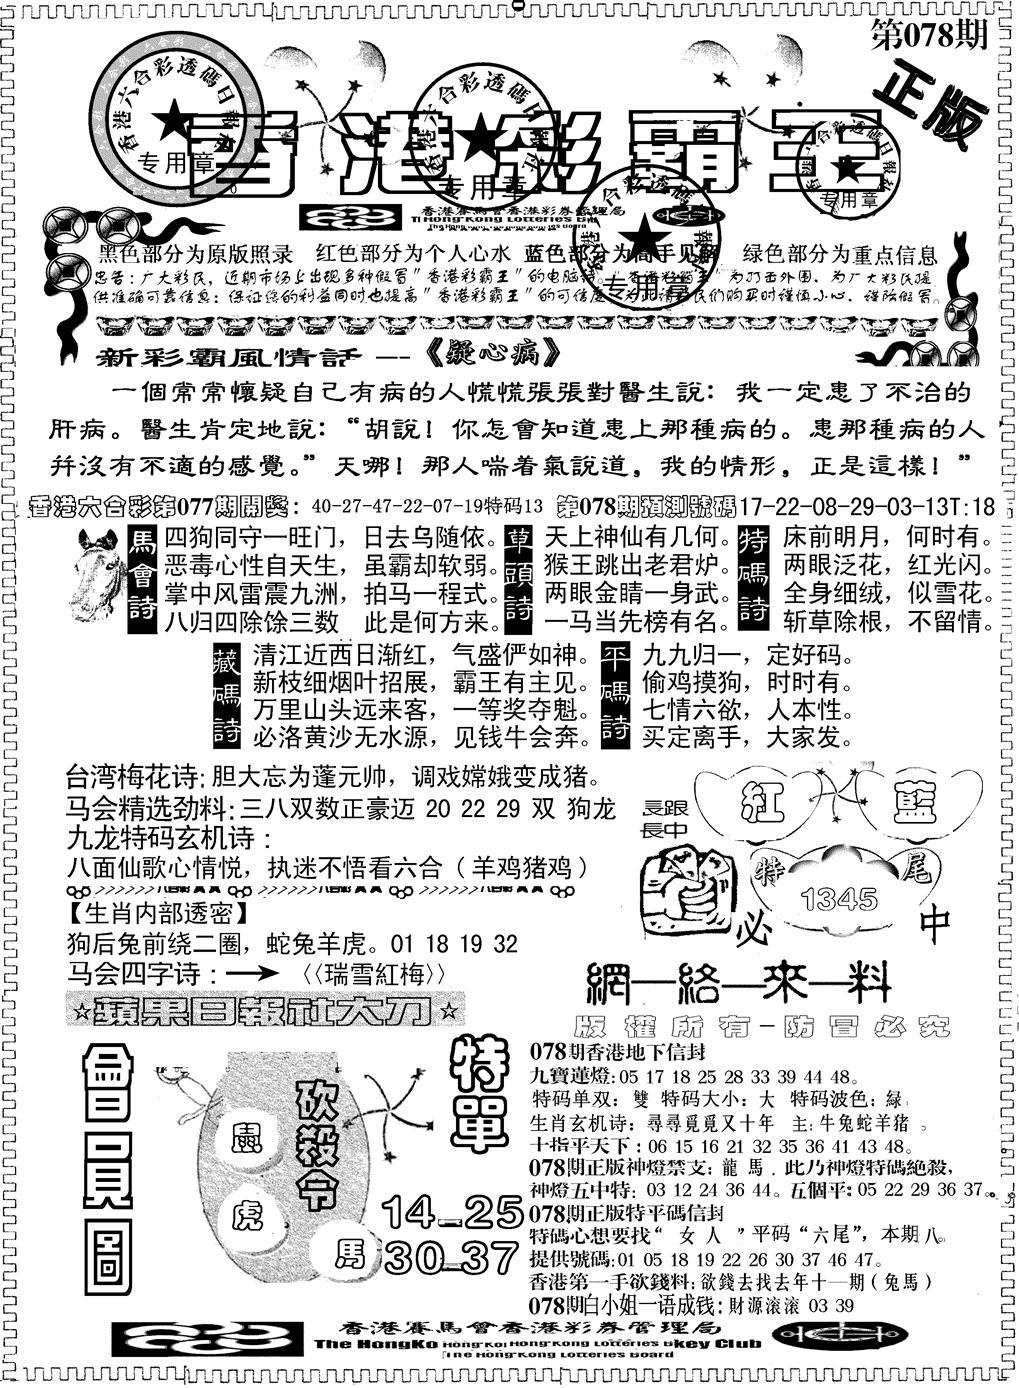 078期另版新版彩霸王A(黑白)